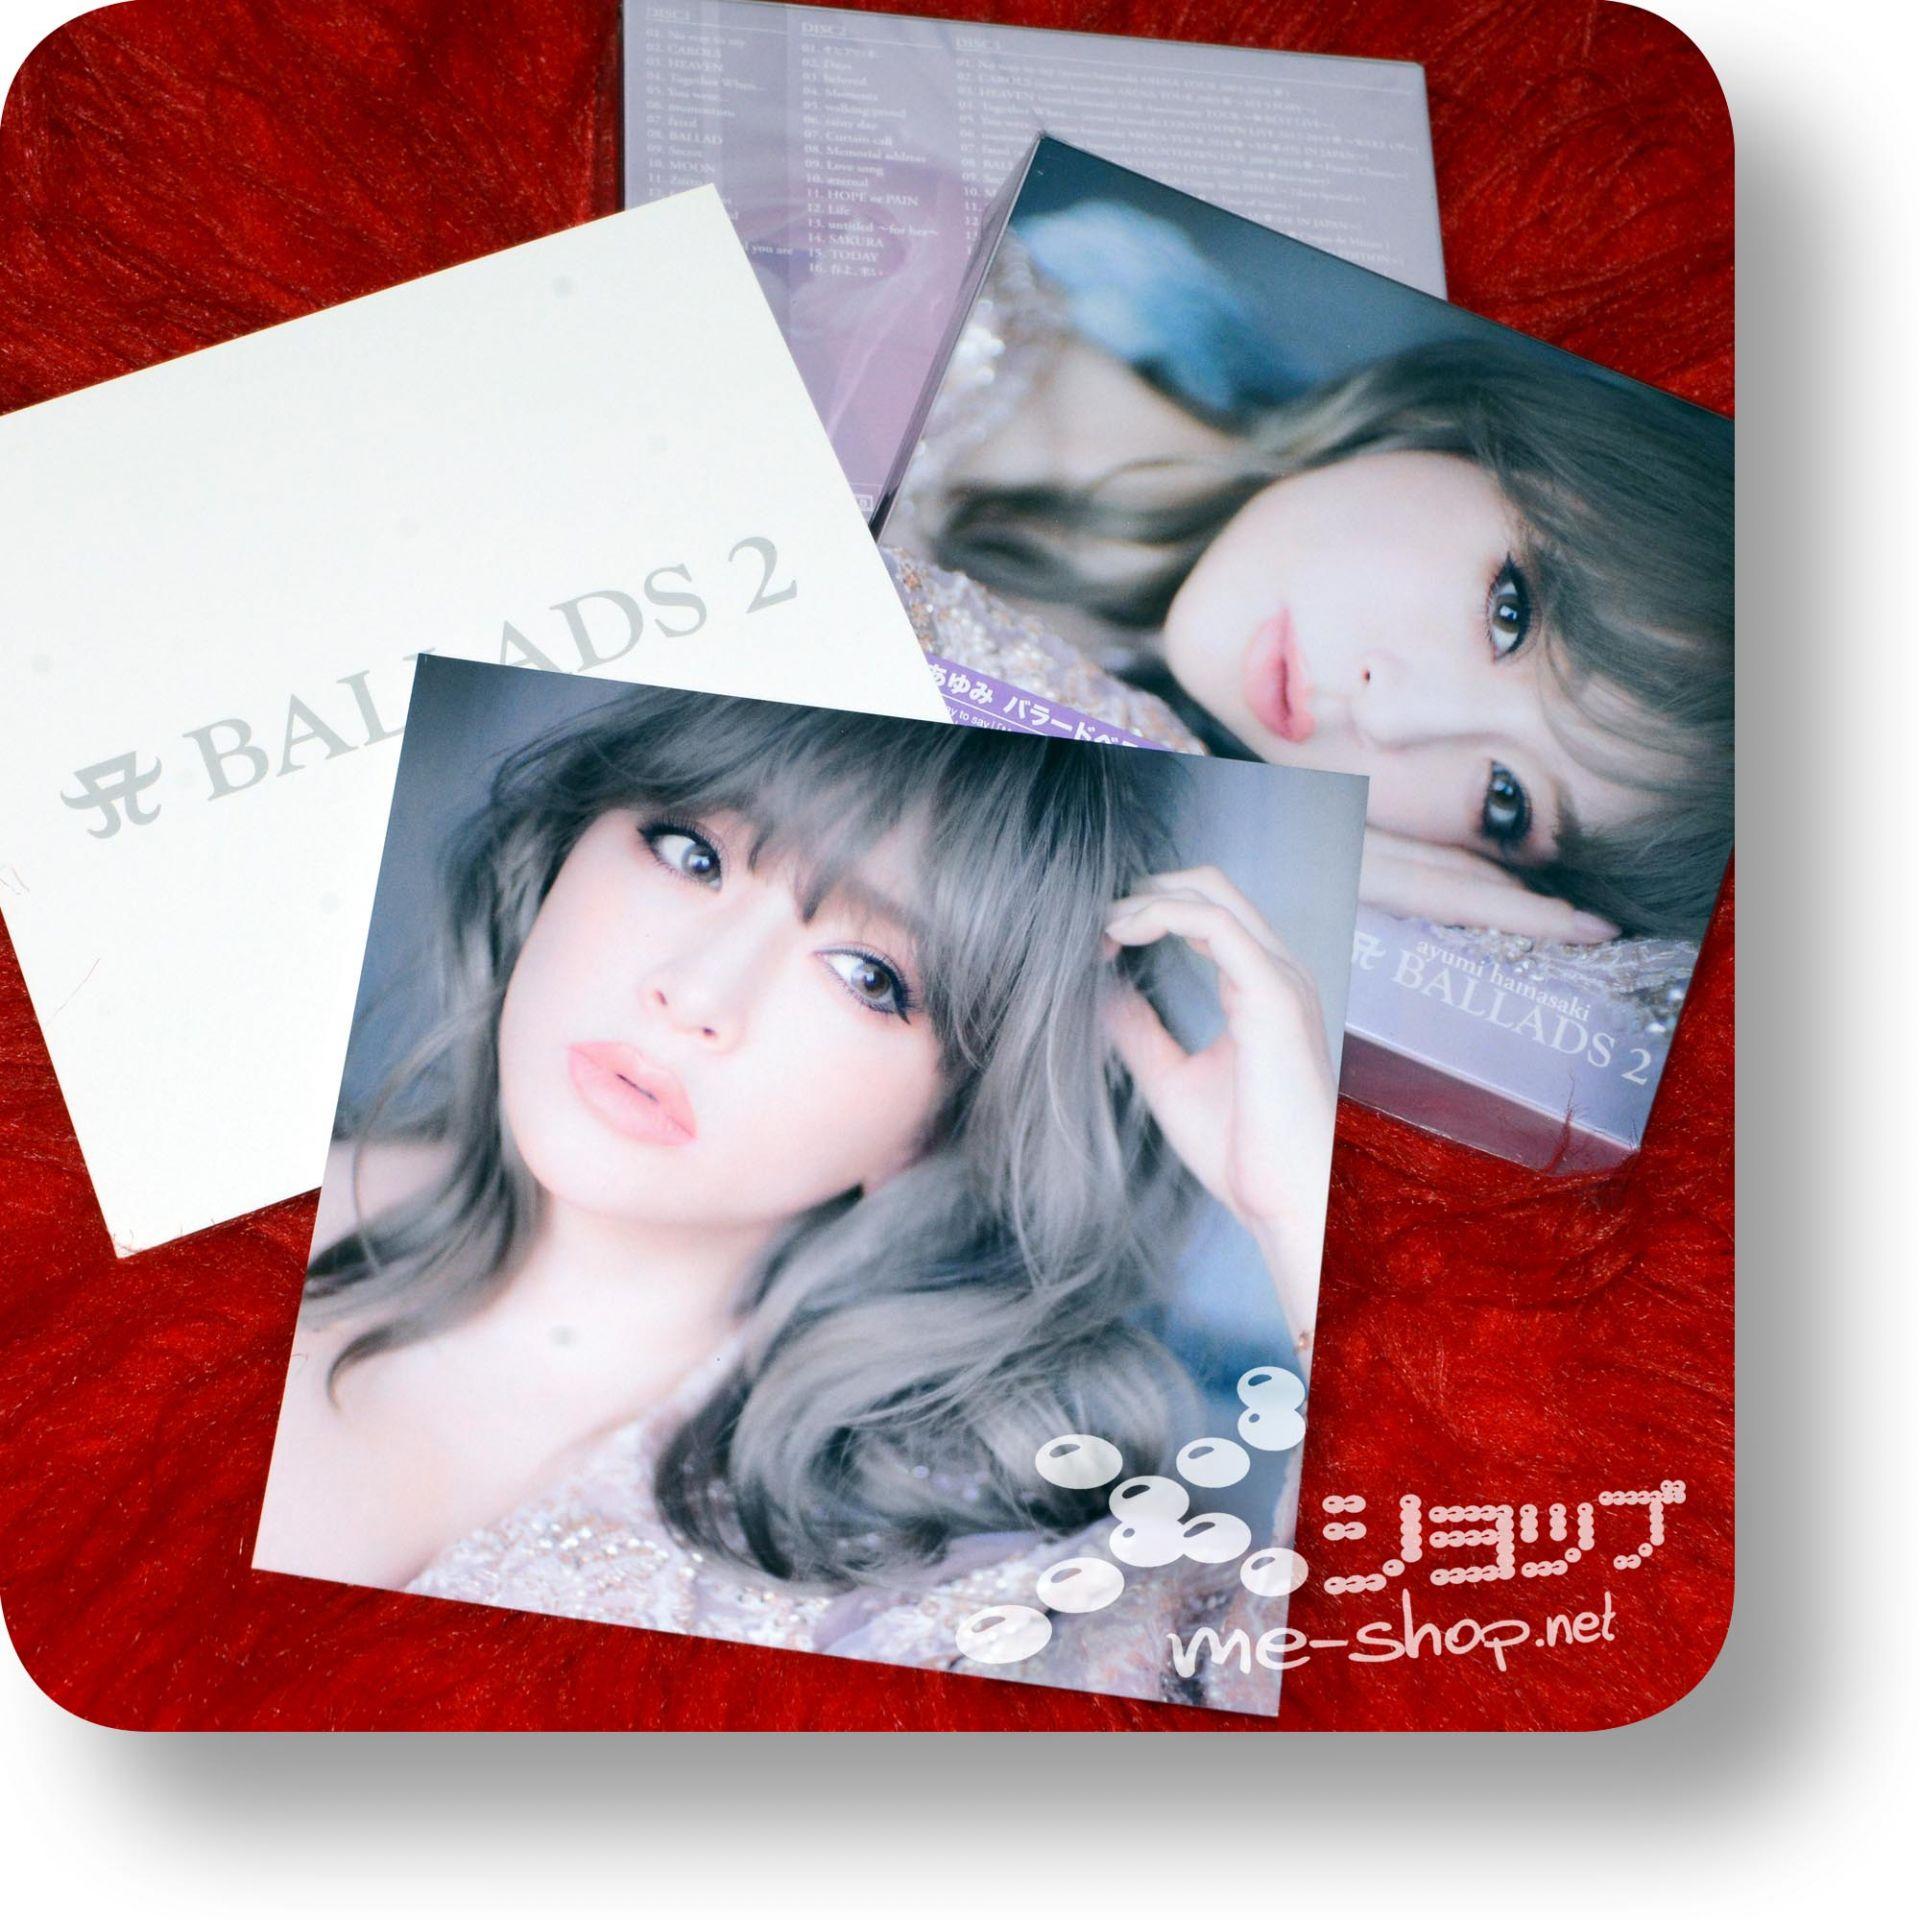 ayumi hamasaki a ballads 2 2cd+dvd+bonus